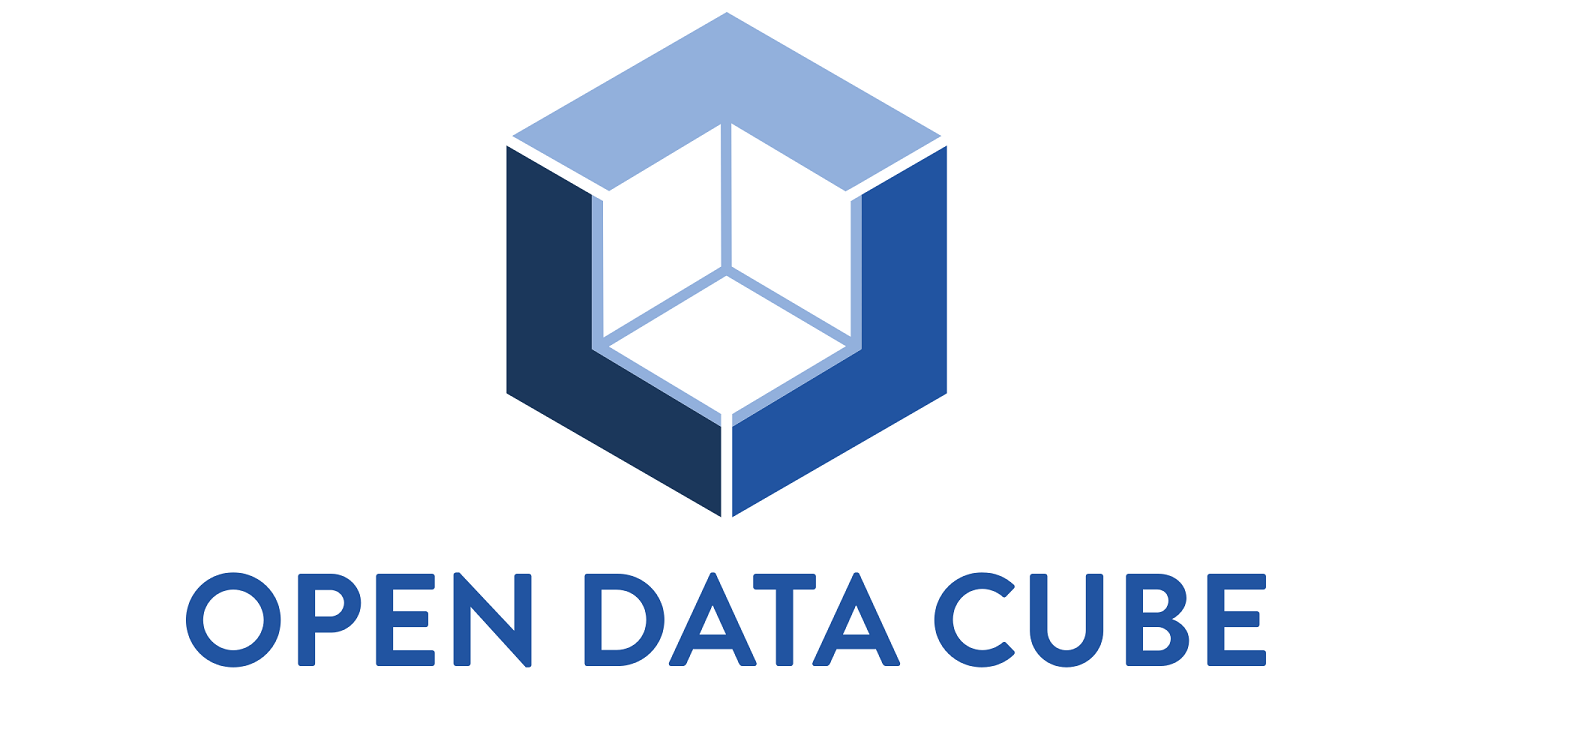 Open Data Cube